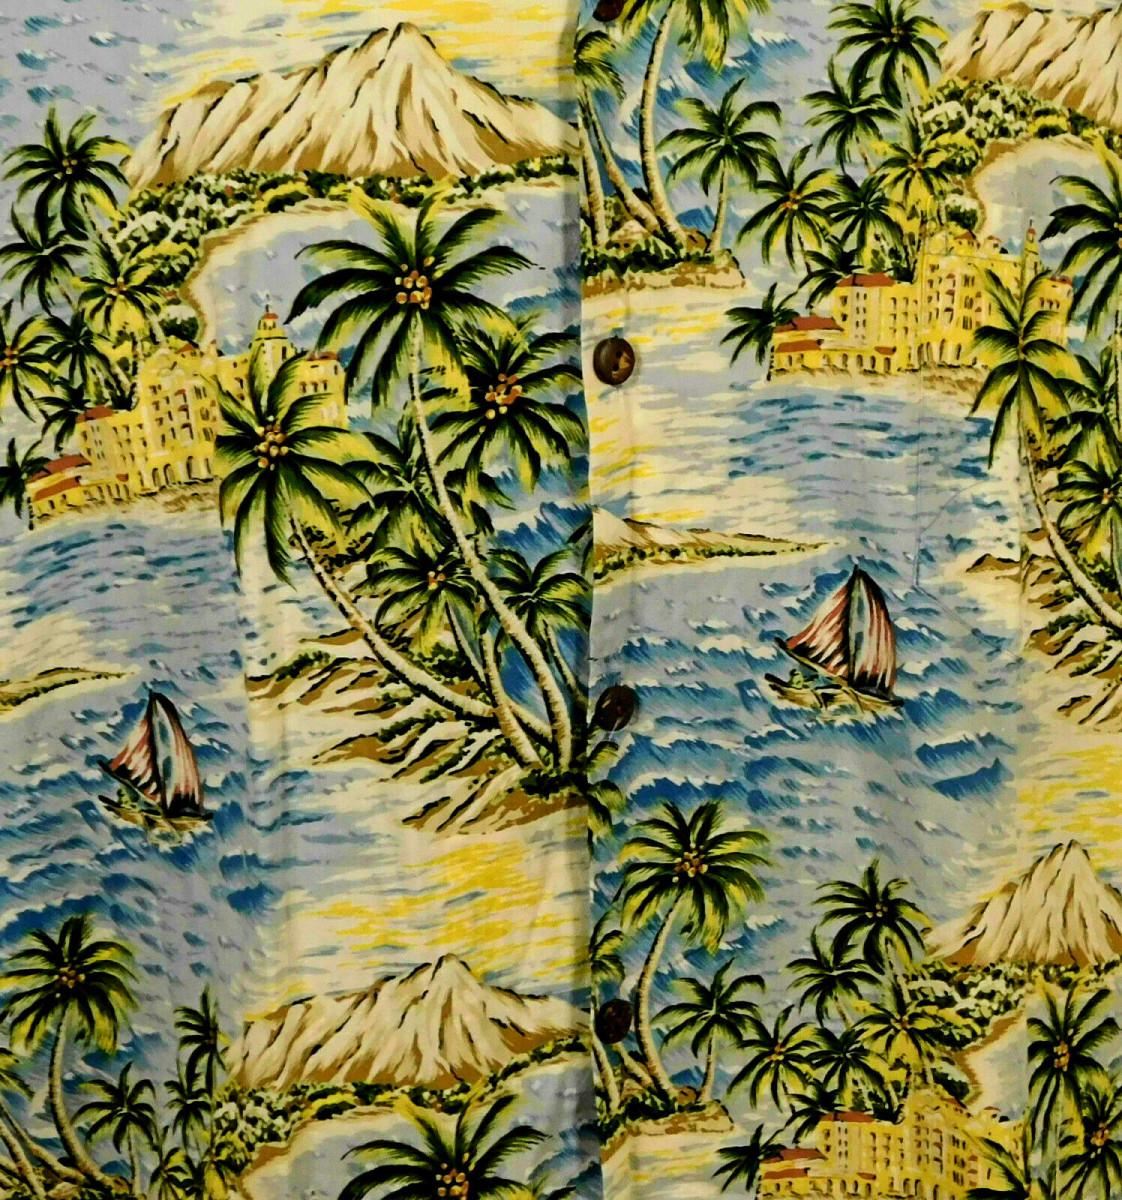 Print Design by Hawaiian Artist, Hilo Hattie Hawaiian Shirt.